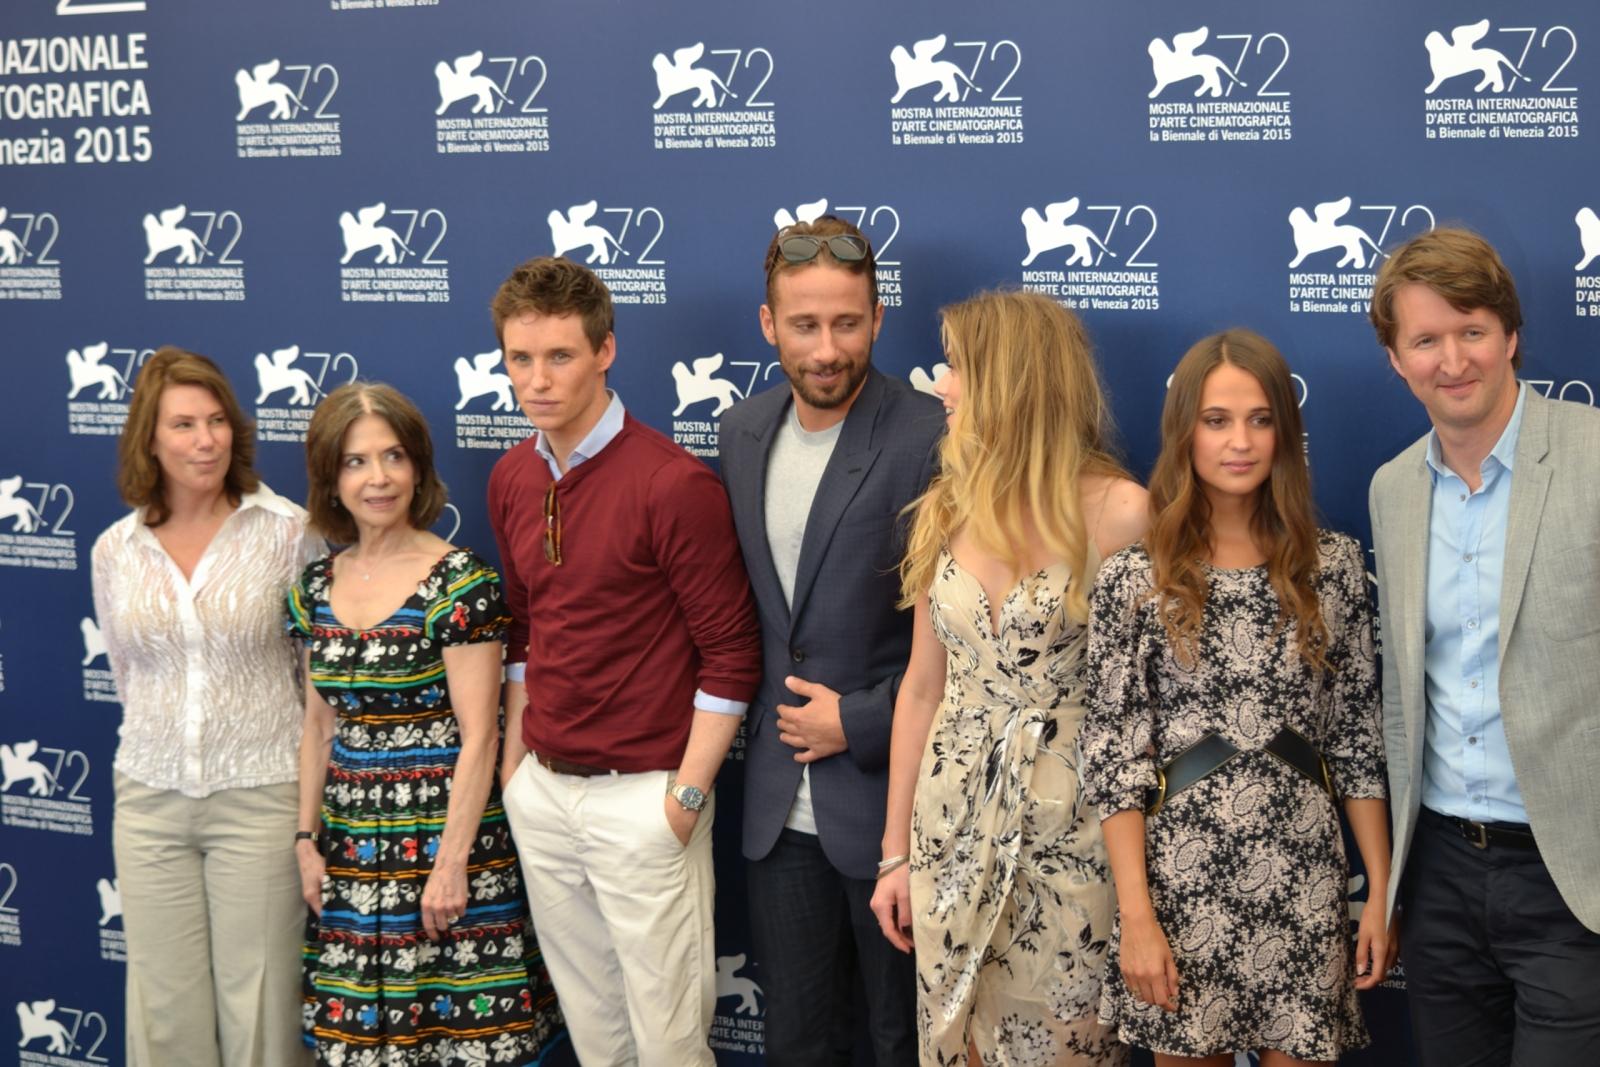 Venezia 2015: il cast di The Danish Girl al photocall